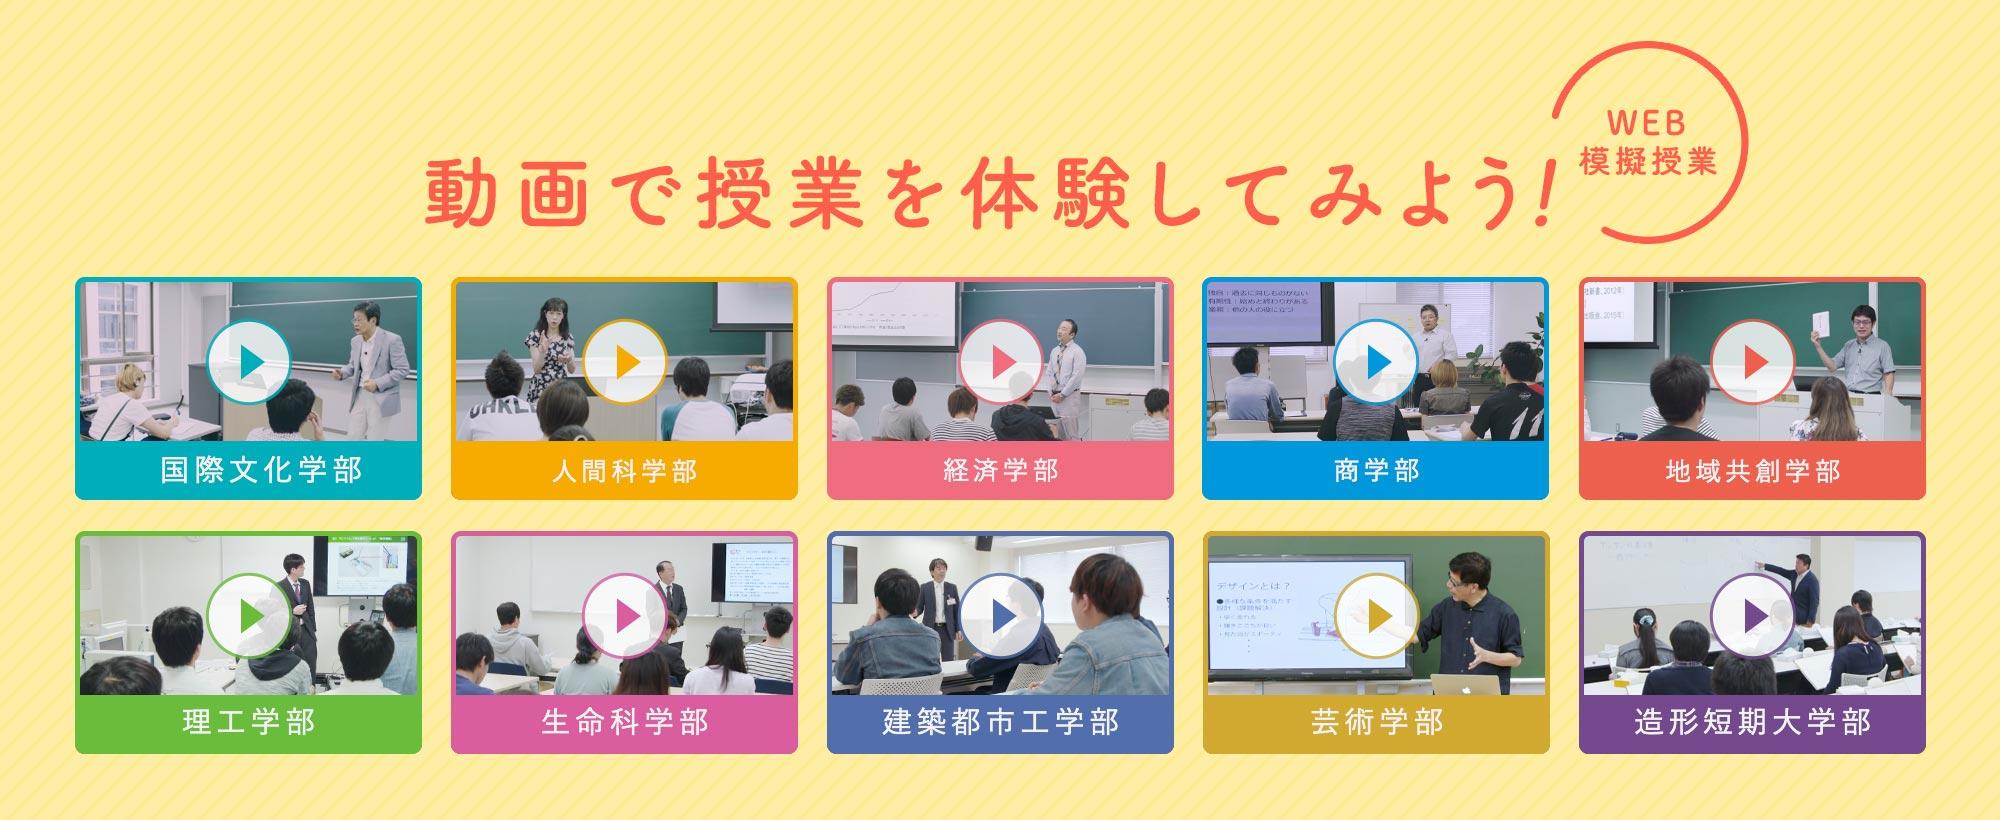 Web模擬授業